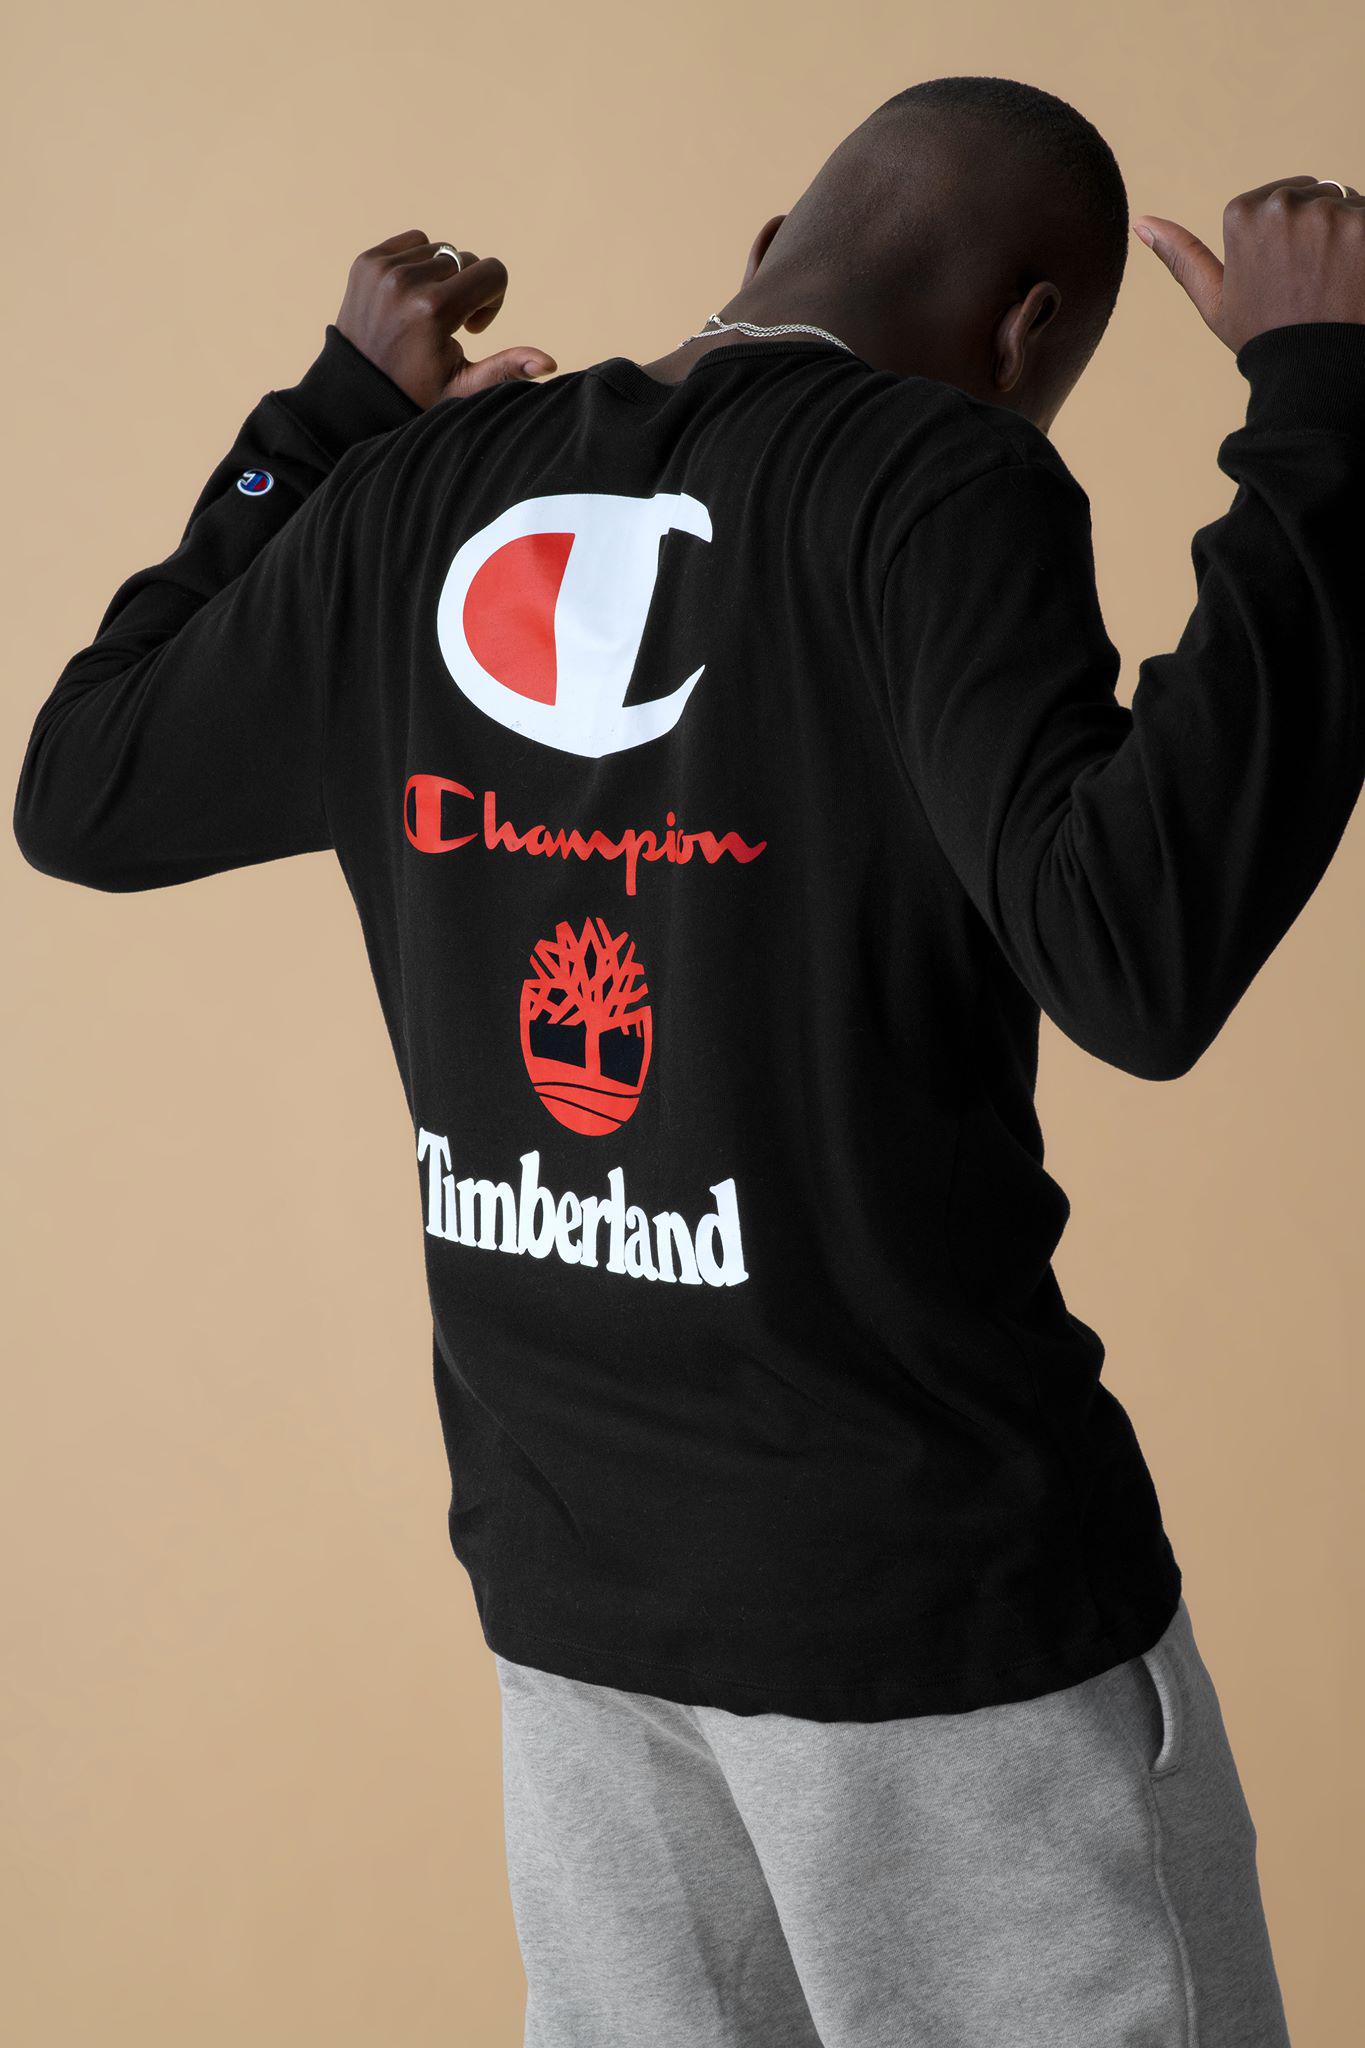 champion-timberland-shirt